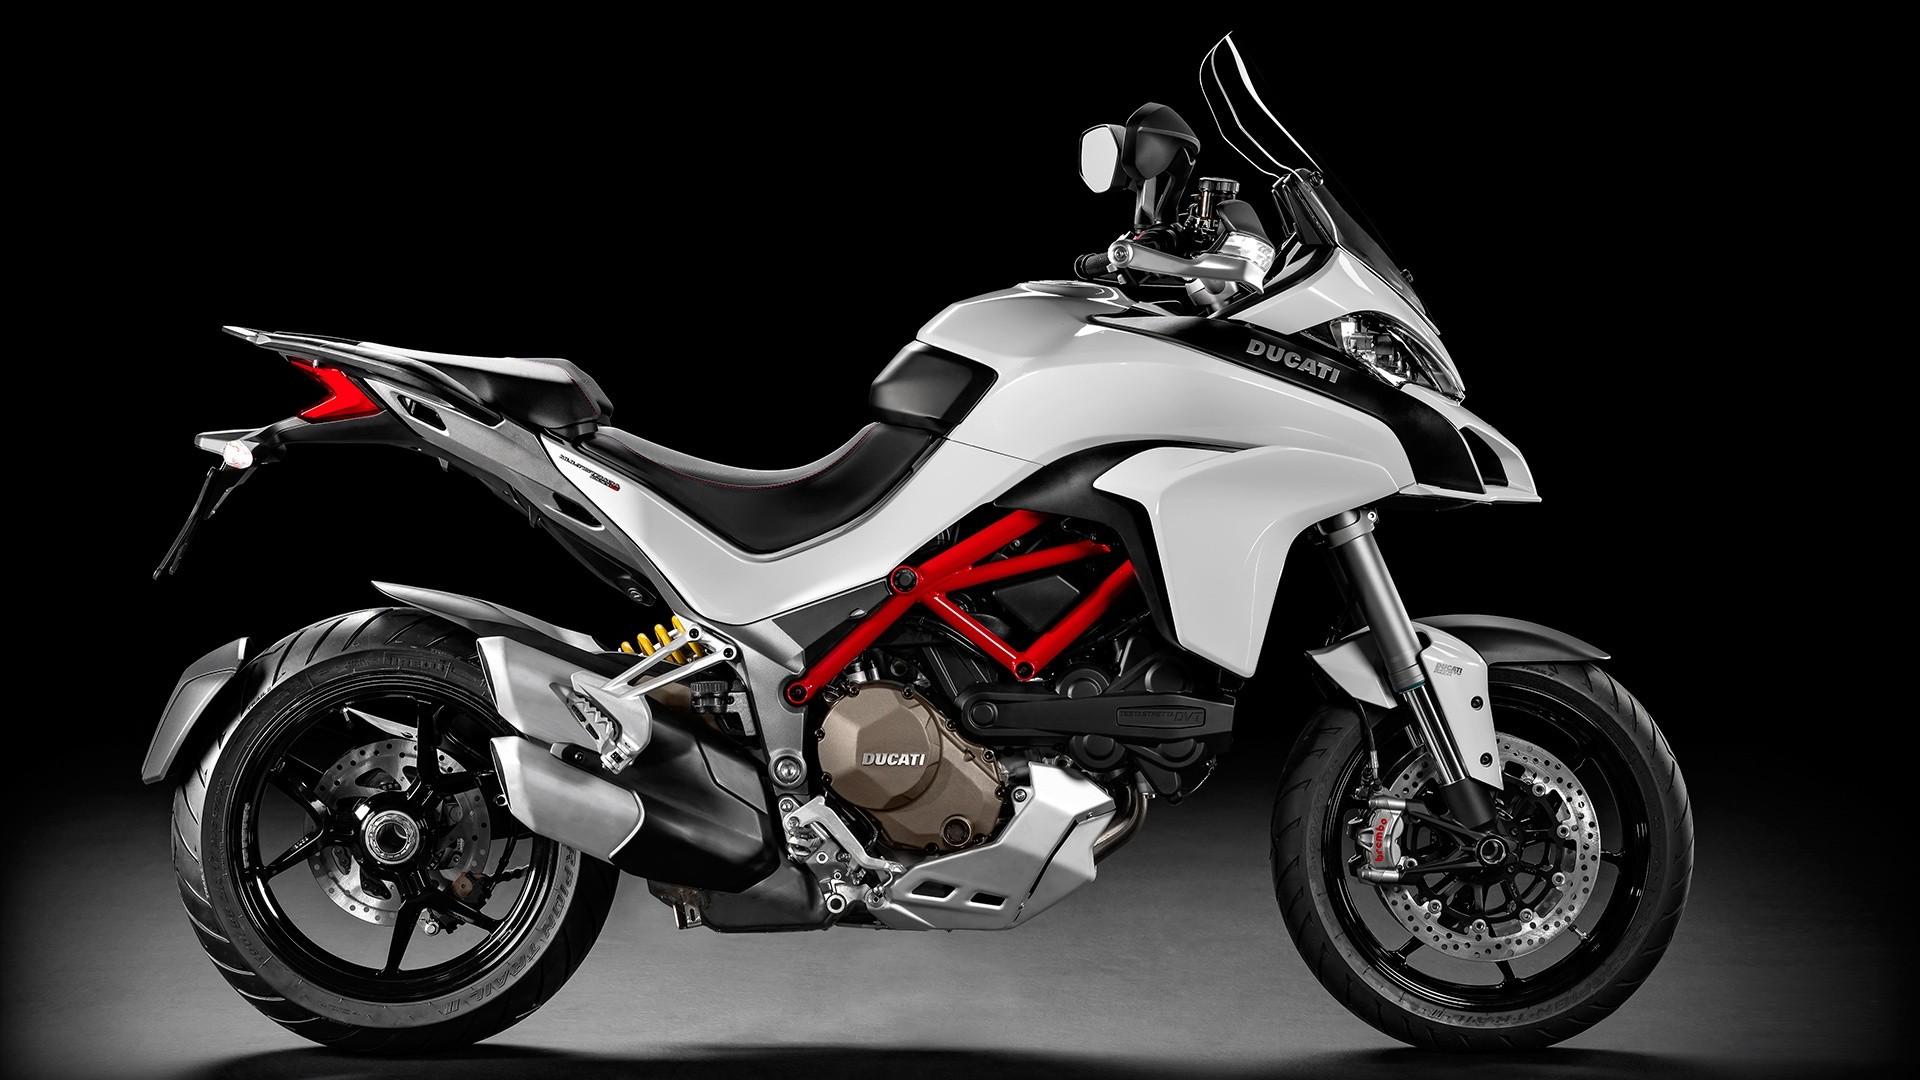 Ducati Multistrada 1200 / 1200S 13-14 - Bazzaz